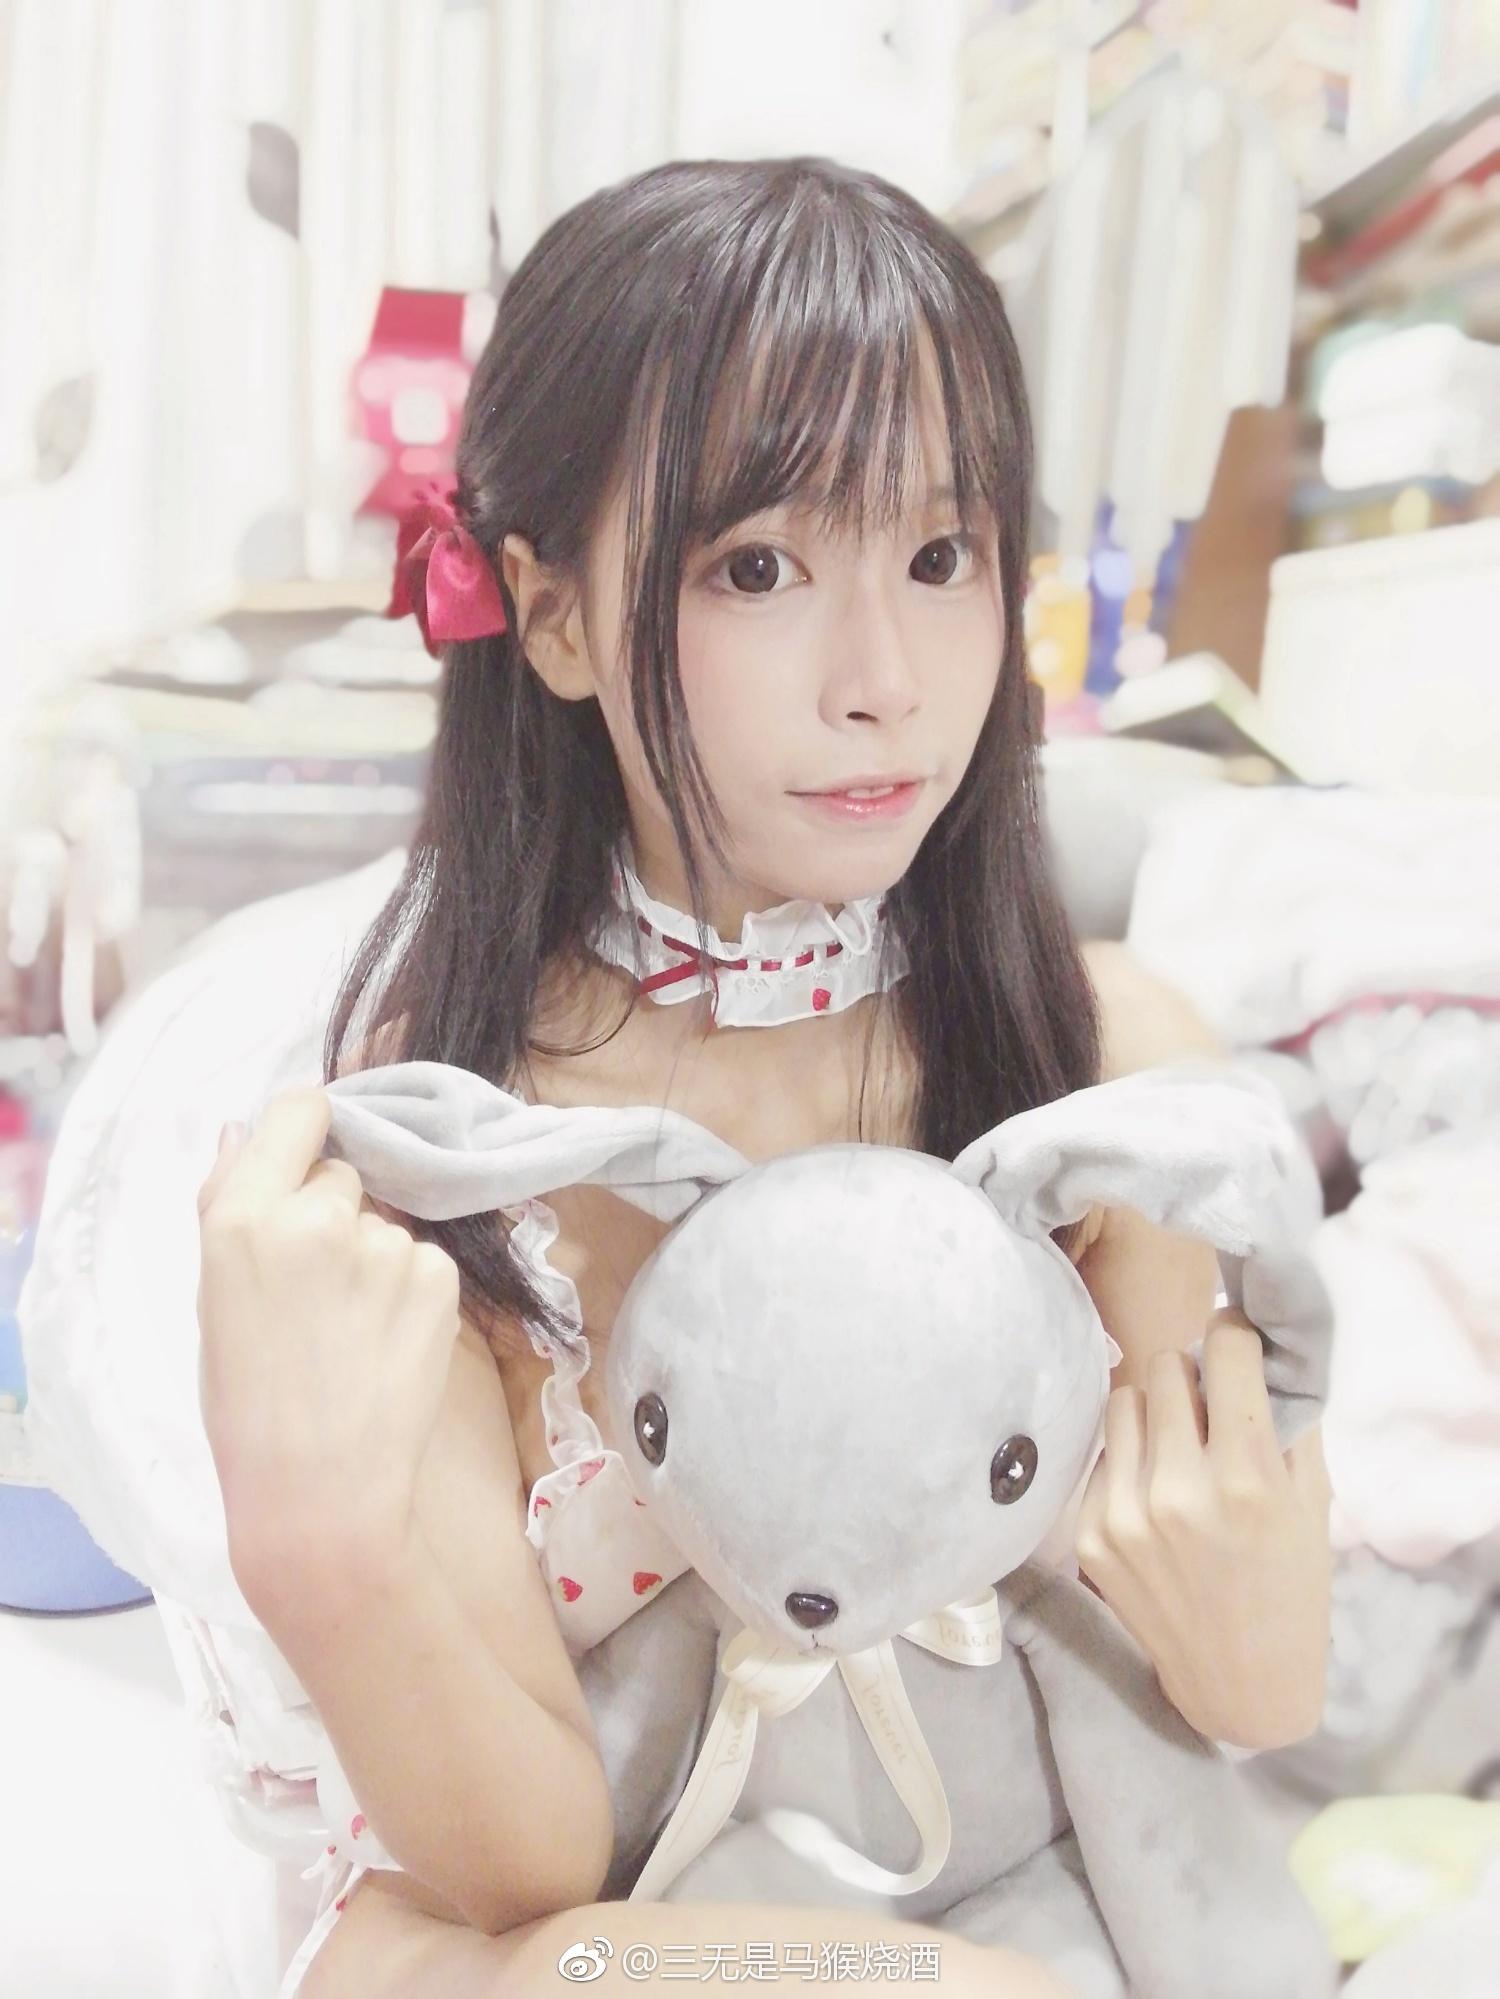 萌妹子福利图片:@三无是马猴烧酒的草莓睡衣(9P)